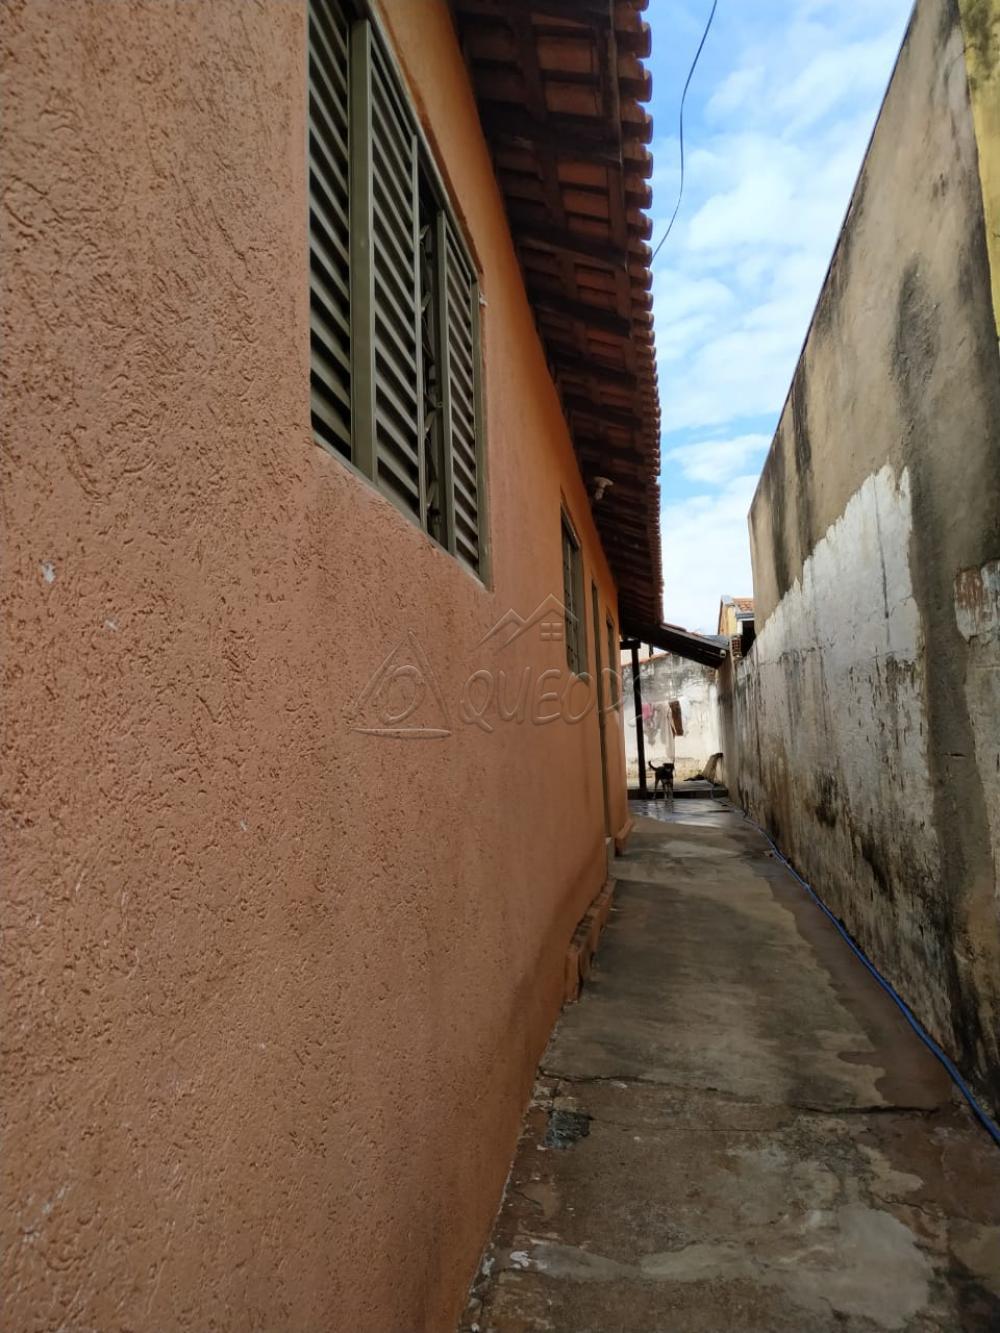 Comprar Casa / Padrão em Barretos apenas R$ 180.000,00 - Foto 5